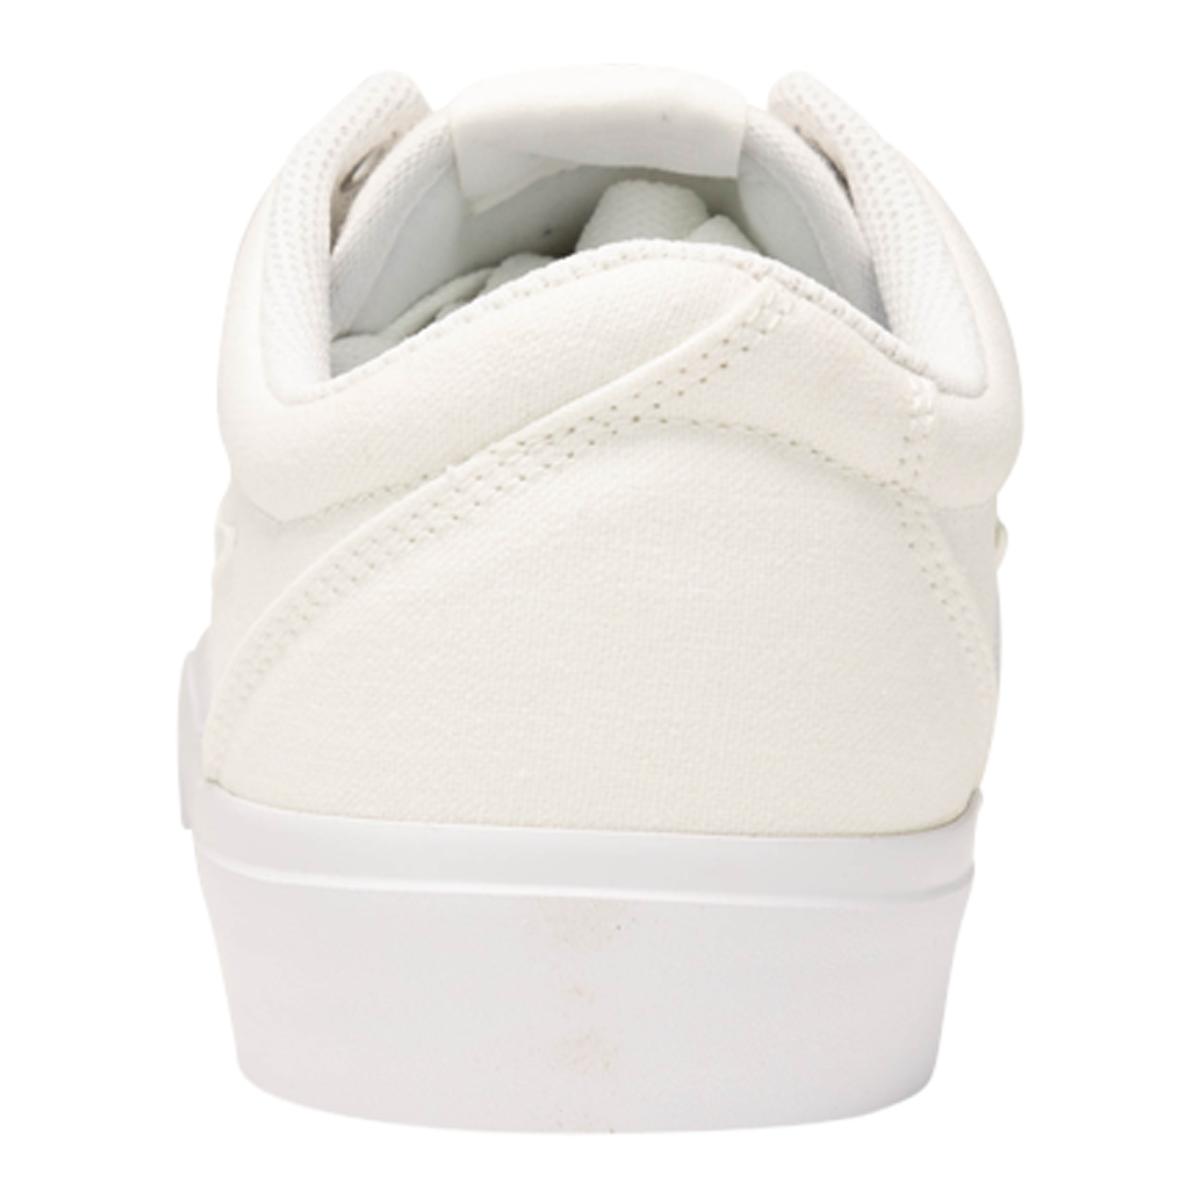 Nike-Men-039-s-SB-Charge-Solarsoft-Shoes thumbnail 14